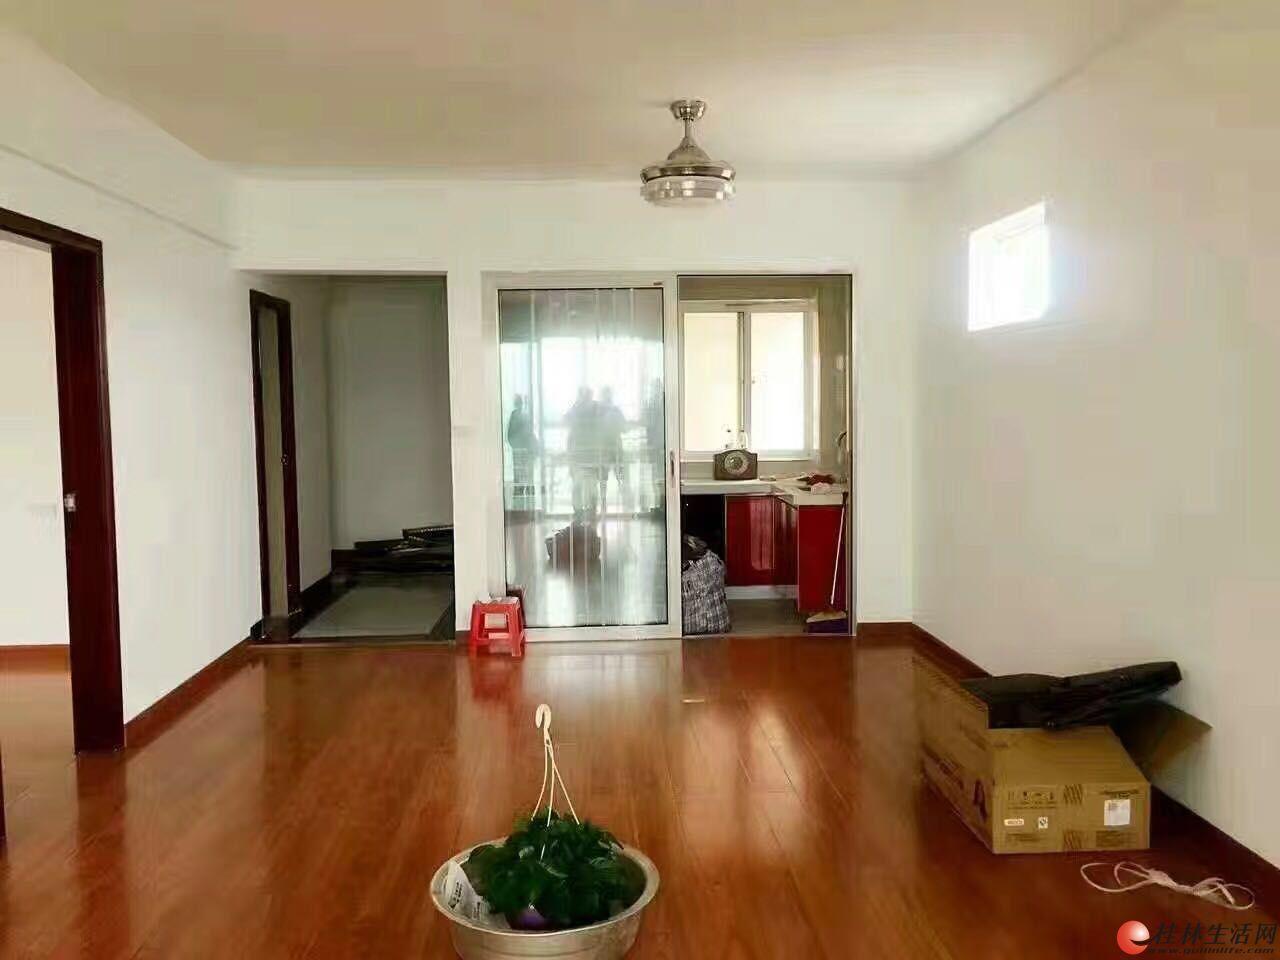 W(出售) 三里店学府世家2室2厅 简装  繁华地段,优质房源。